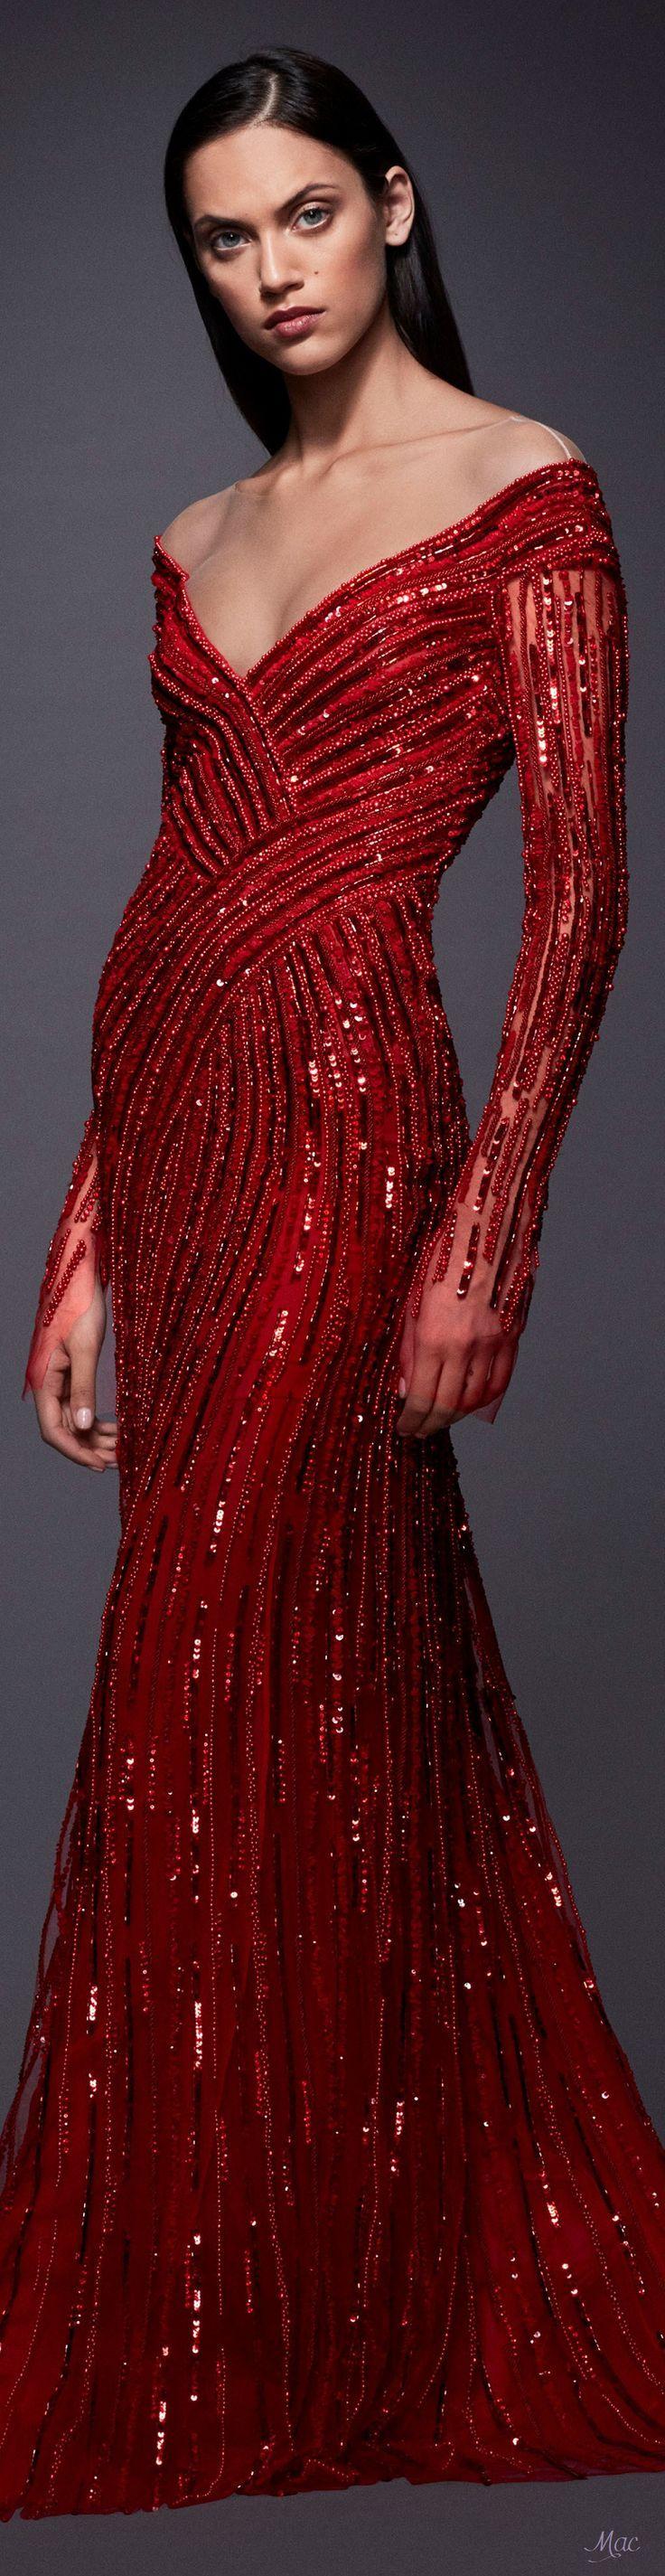 pamela roland vor dem herbst 2019 - abendkleider modelle